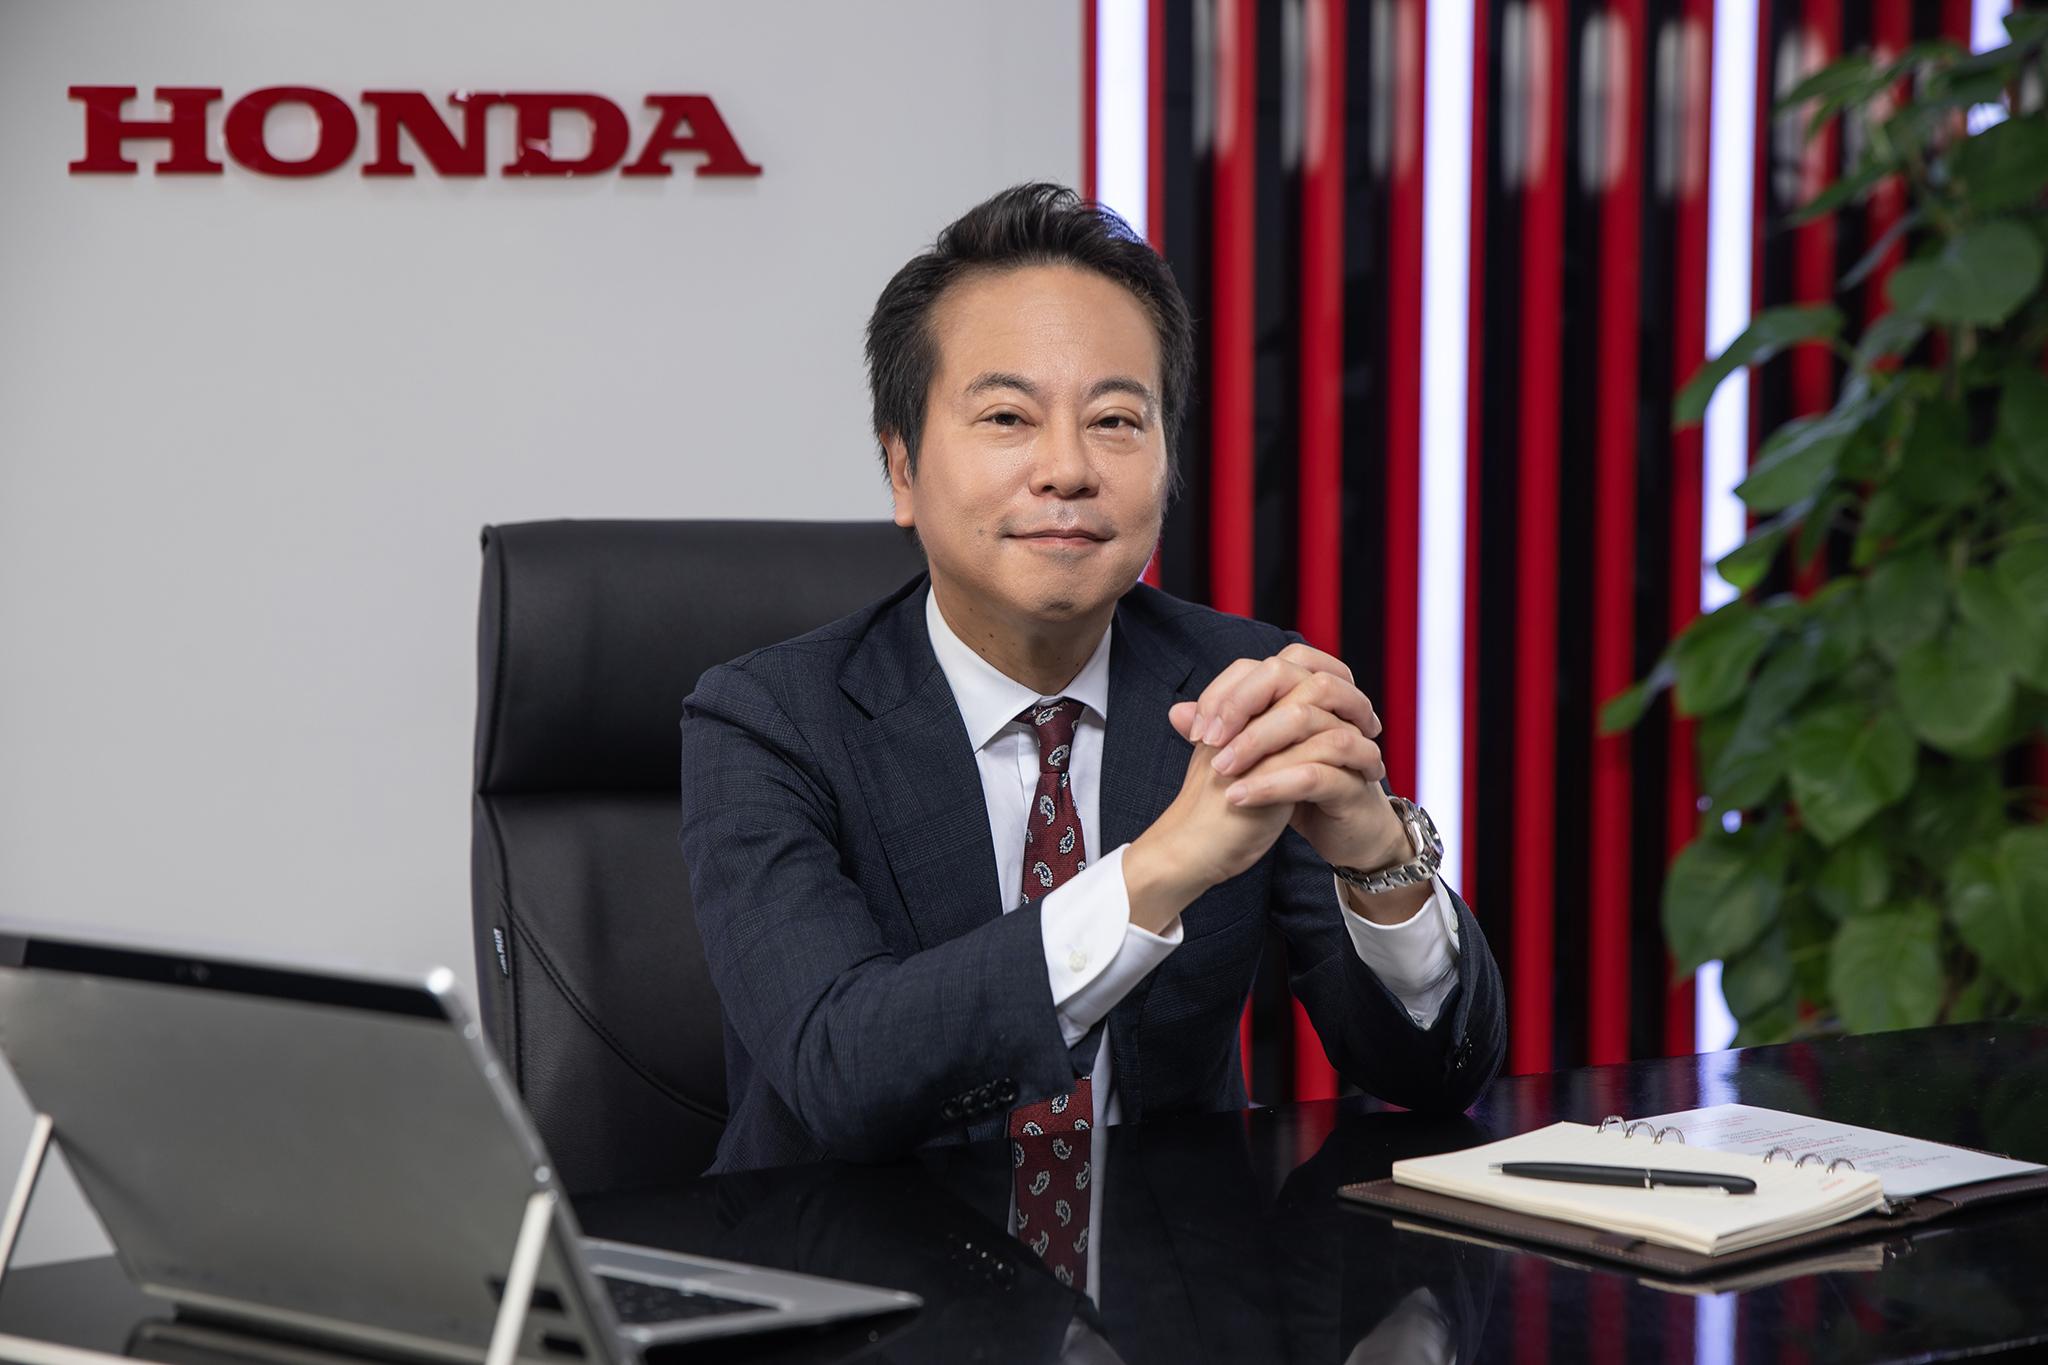 Honda Việt Nam có Tổng Giám đốc mới từ 1/4/2021 tgd-honda-vietnam-1.jpg